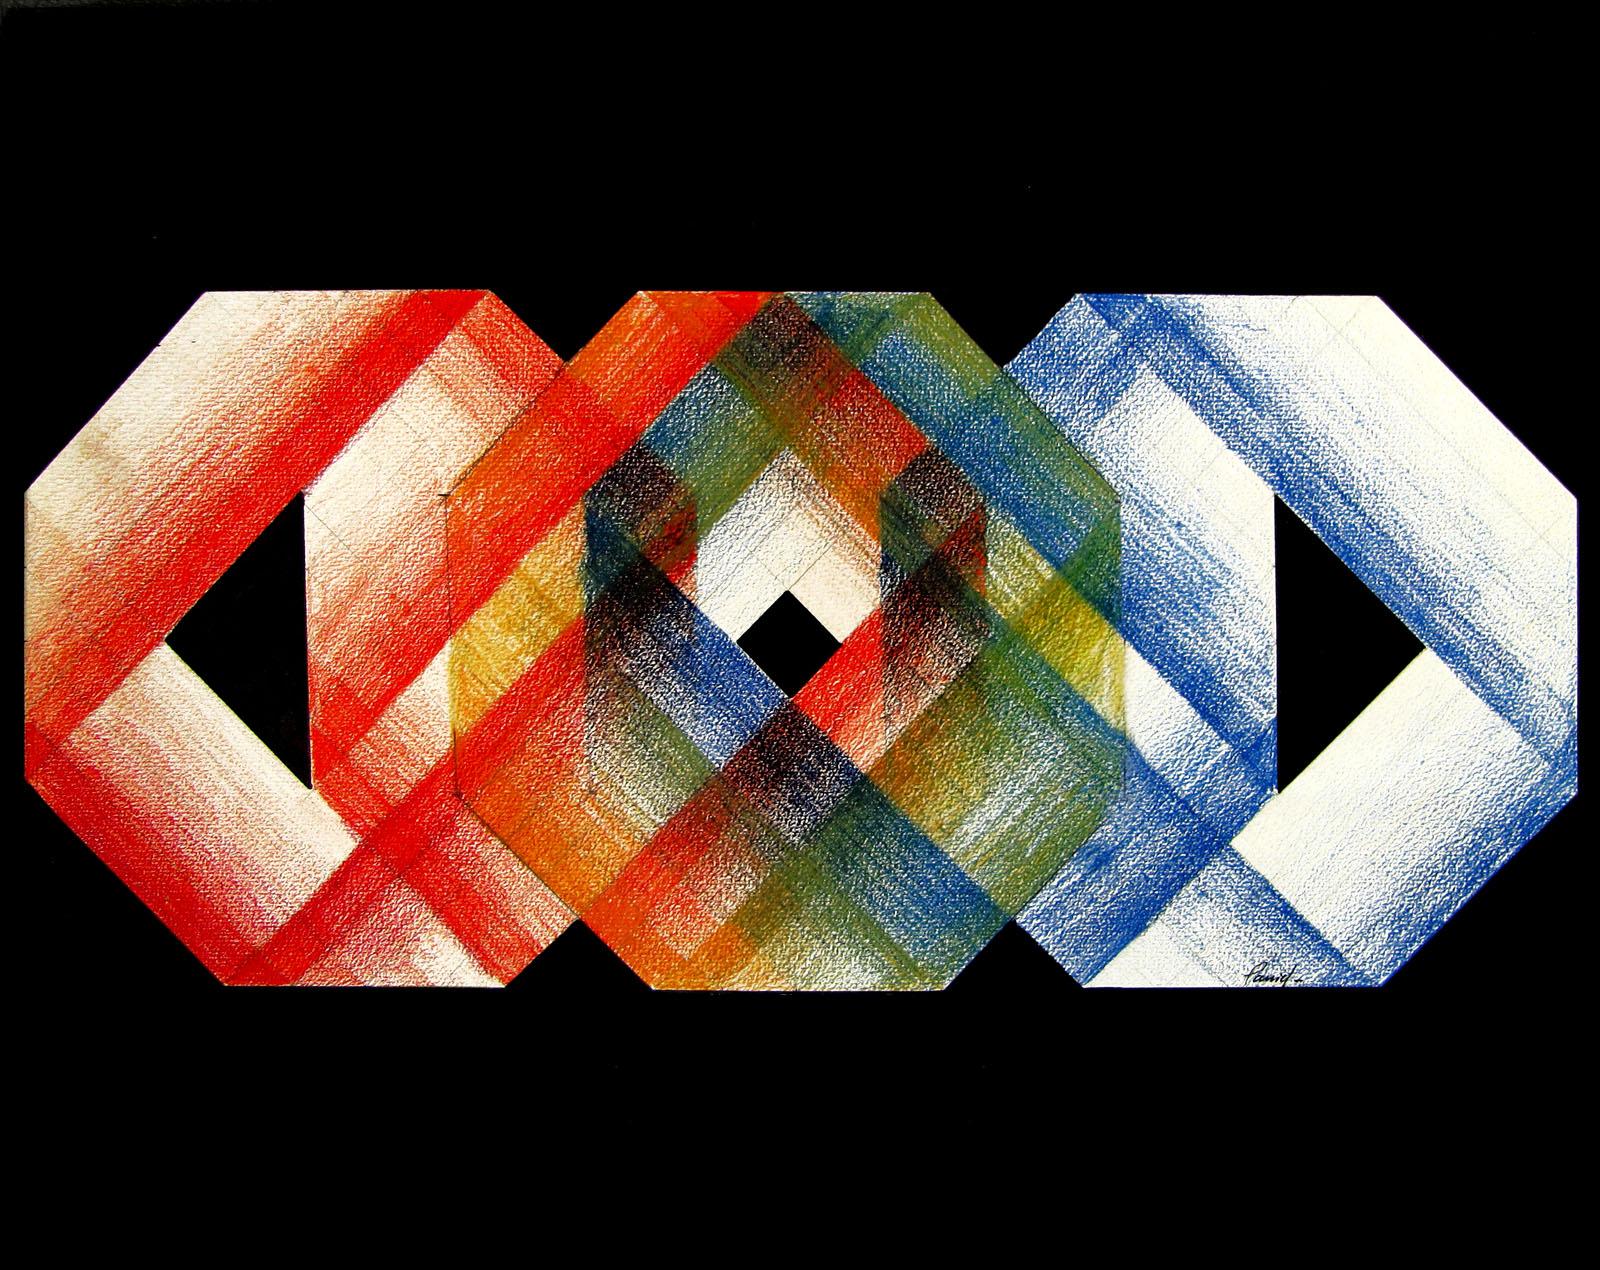 panies-danielvillalobos-painting-twentiethcentury-kinetic-art-17